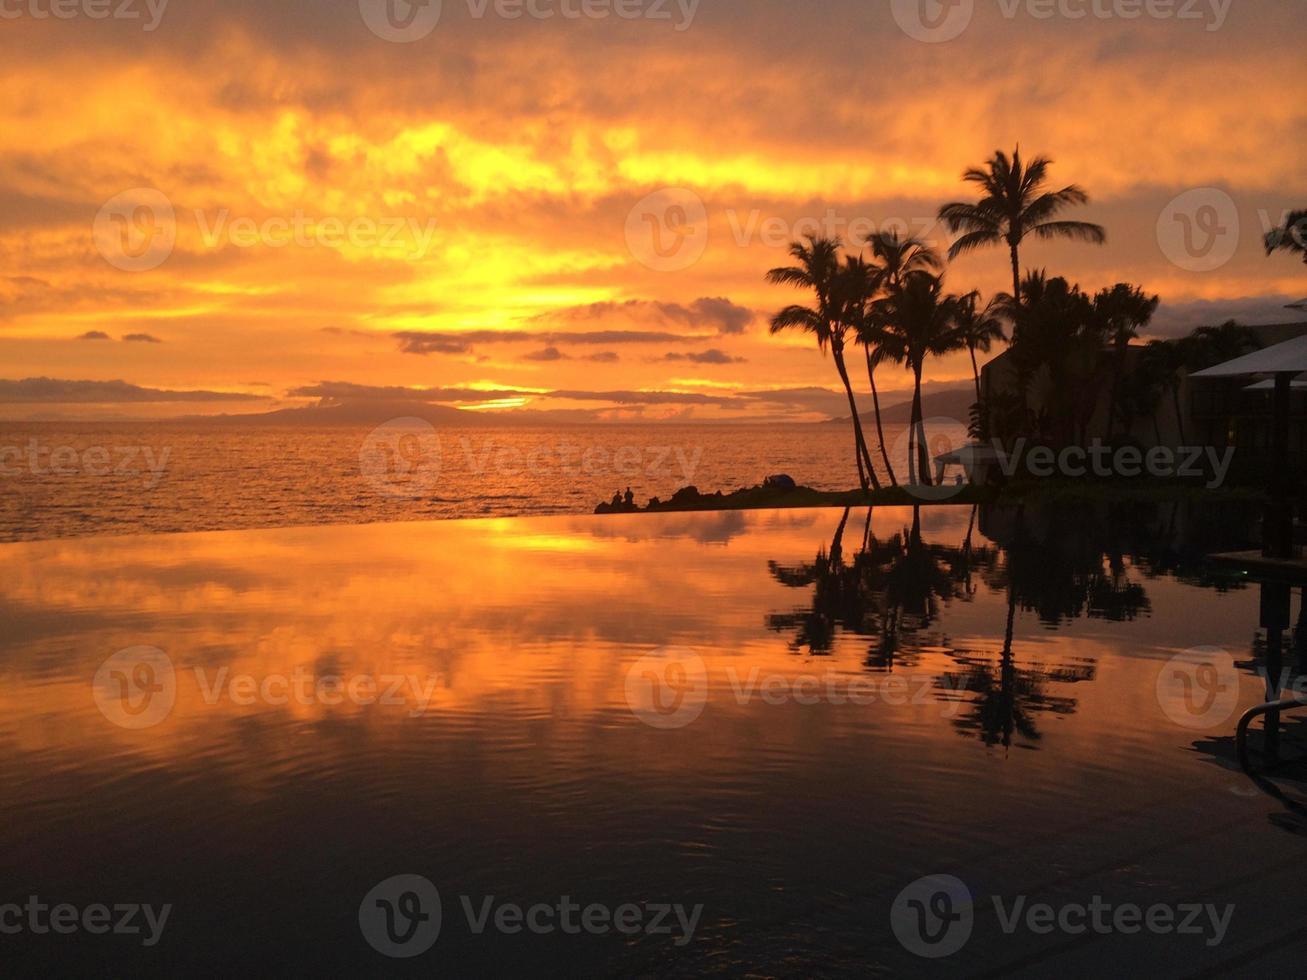 tramonto in piscina riflettente foto